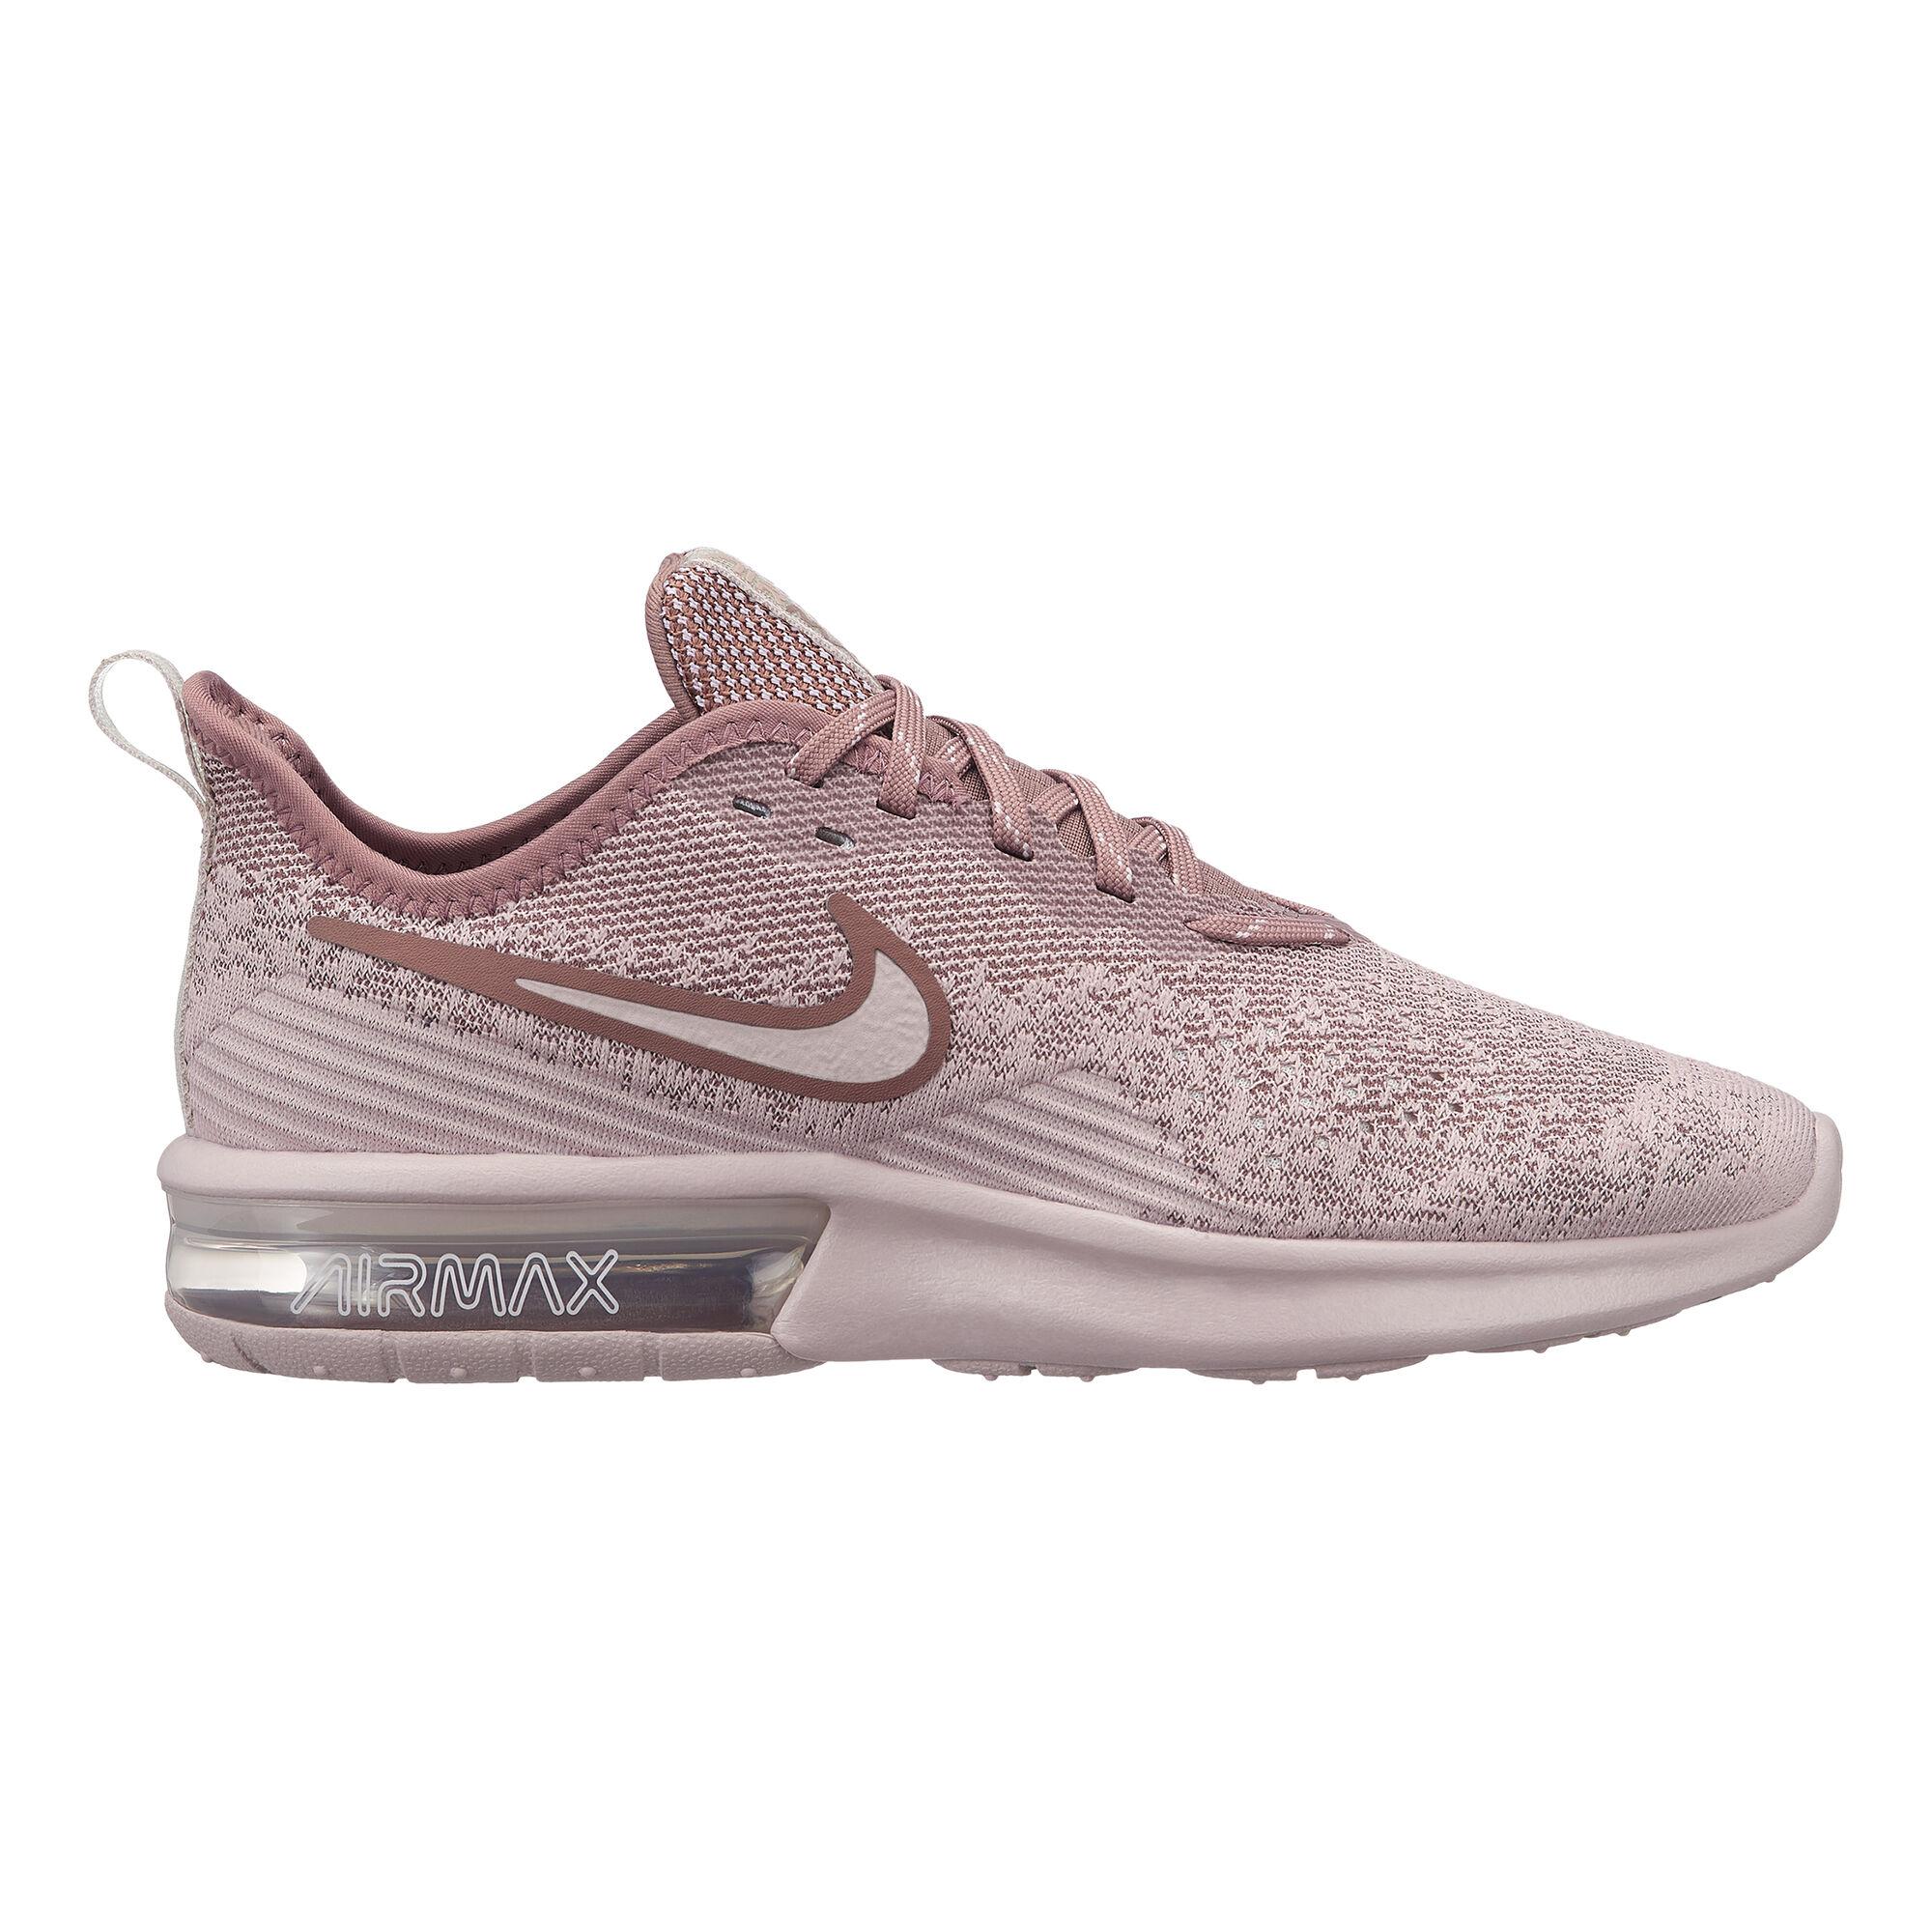 7b0ed7251ac8dd Nike · Nike · Nike · Nike · Nike · Nike · Nike · Nike · Nike · Nike. Air  Max Sequent 4 Women ...